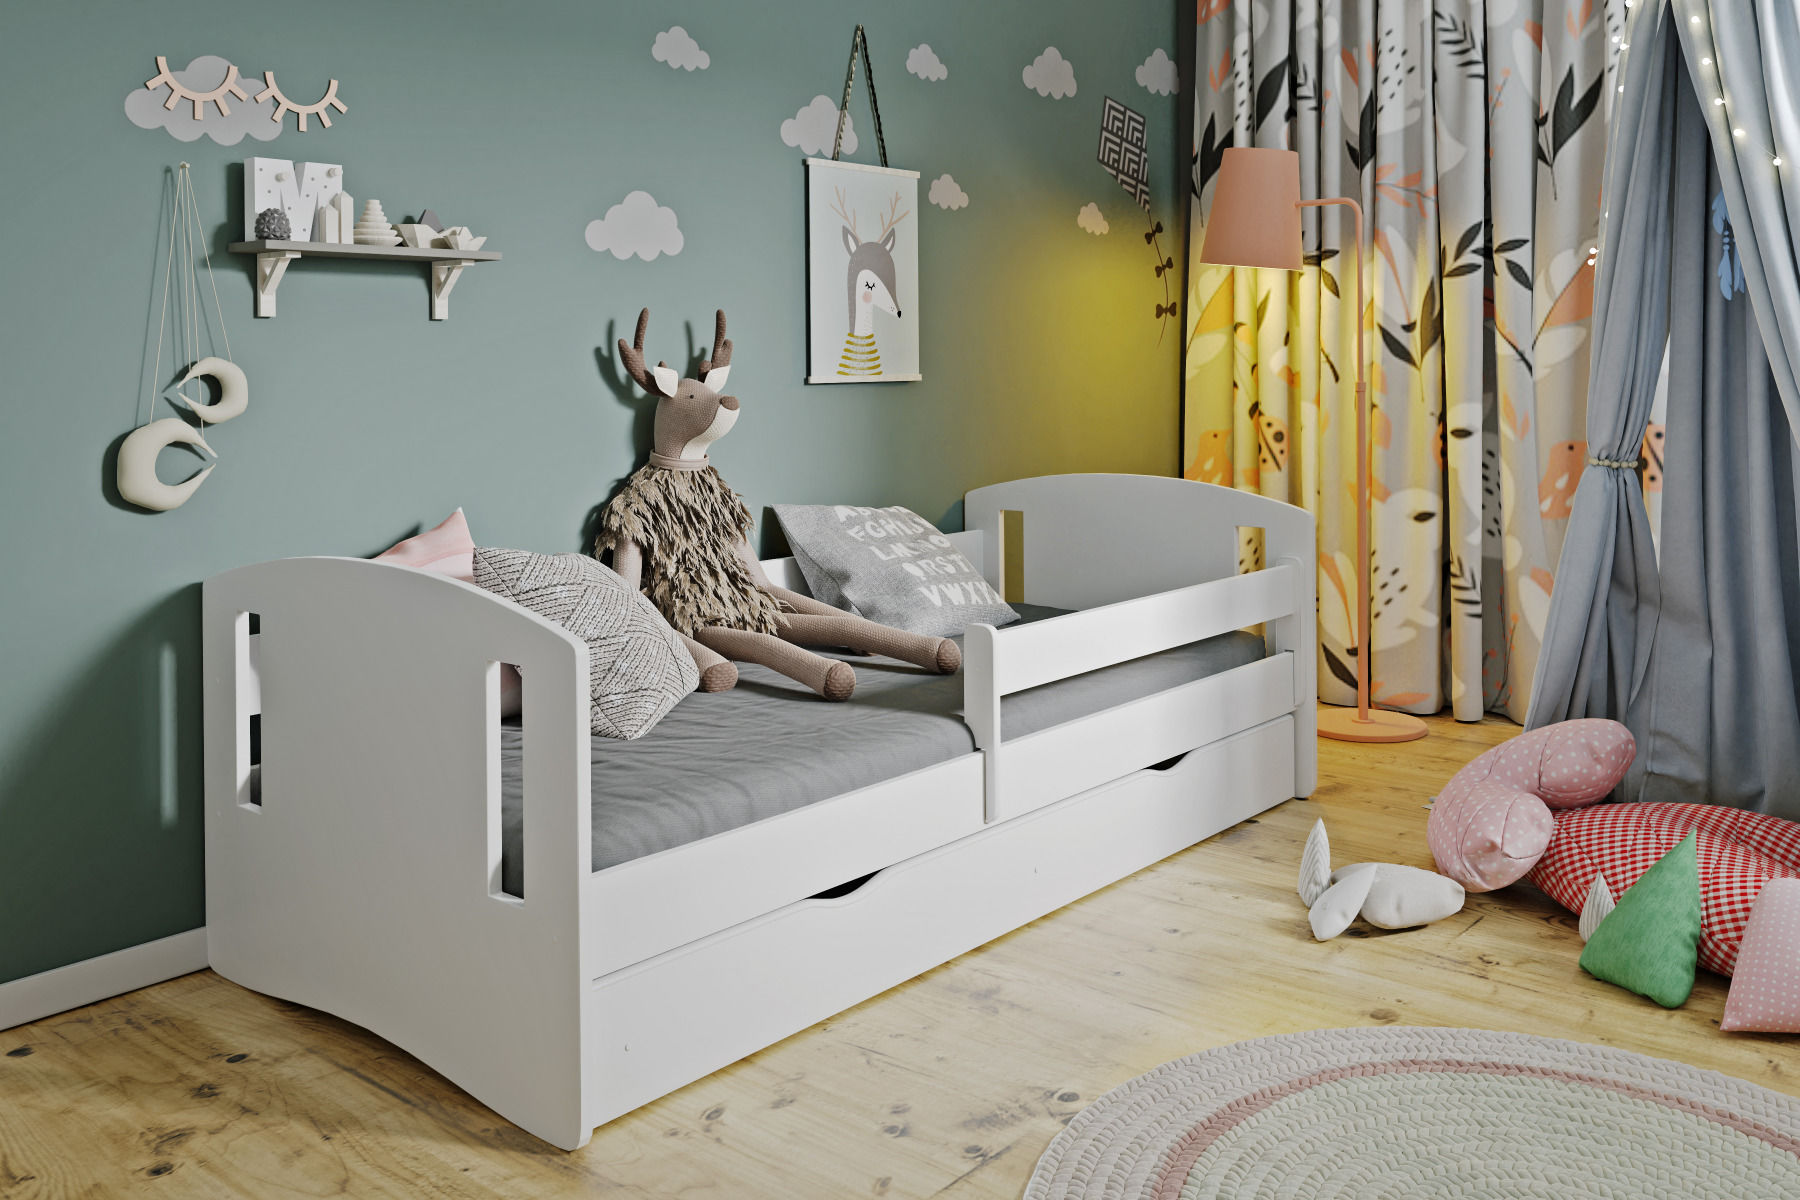 Łóżko dziecięce CLASSIC 2 160x80 białe